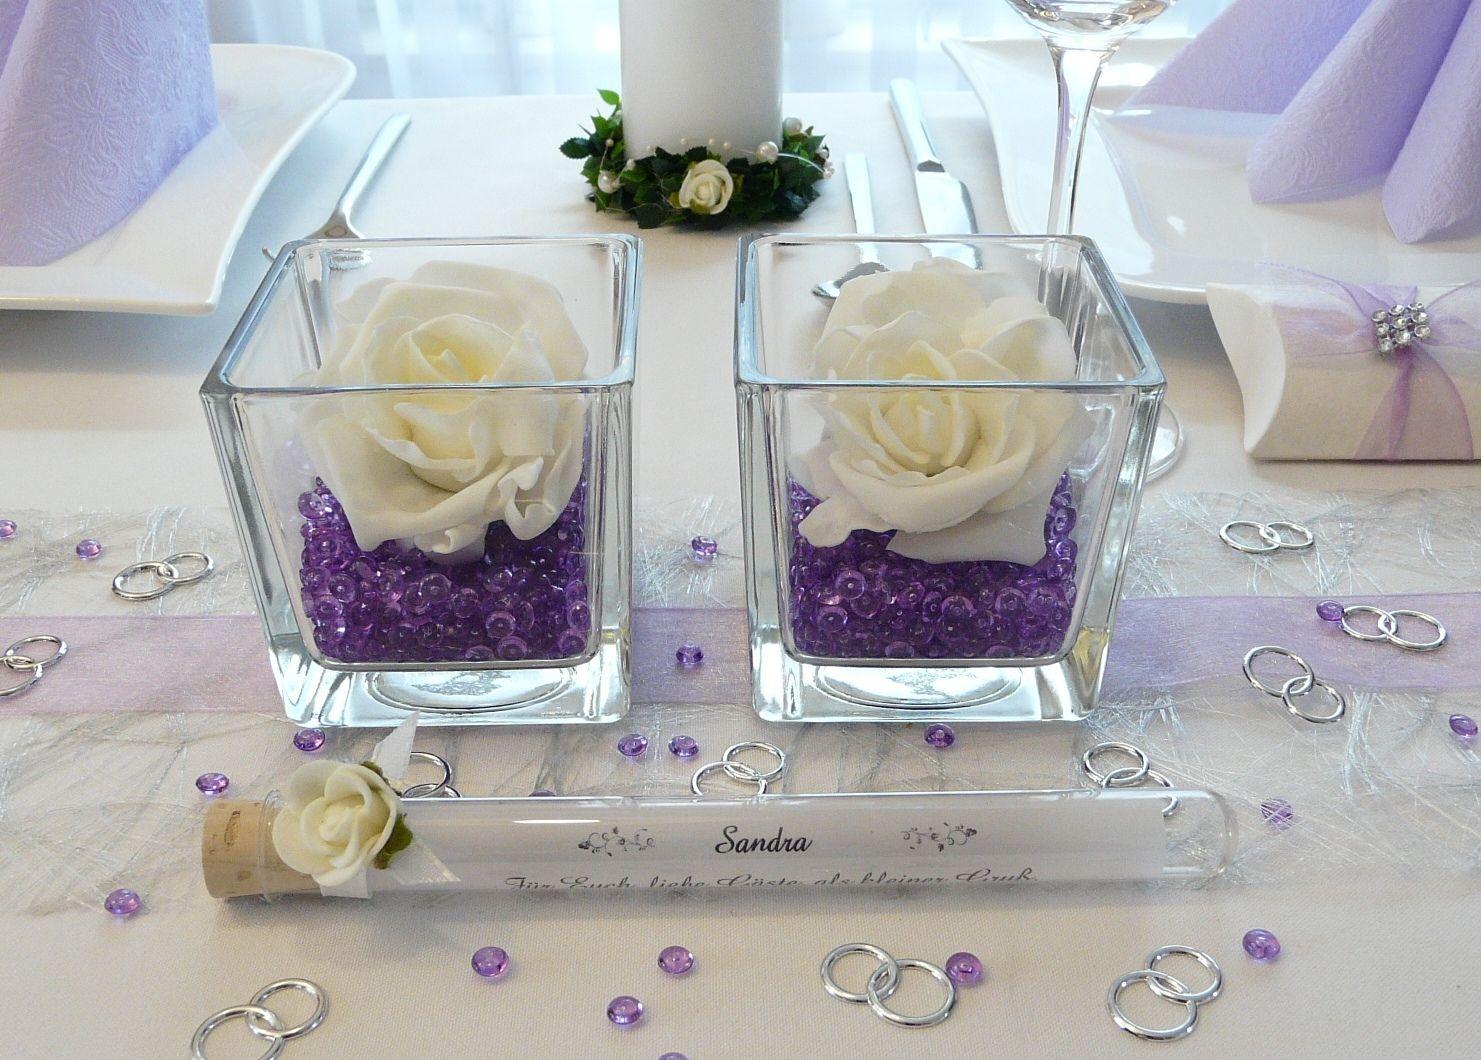 Tischdekoration Zur Hochzeit 31 Ideen Fur Runde Tische